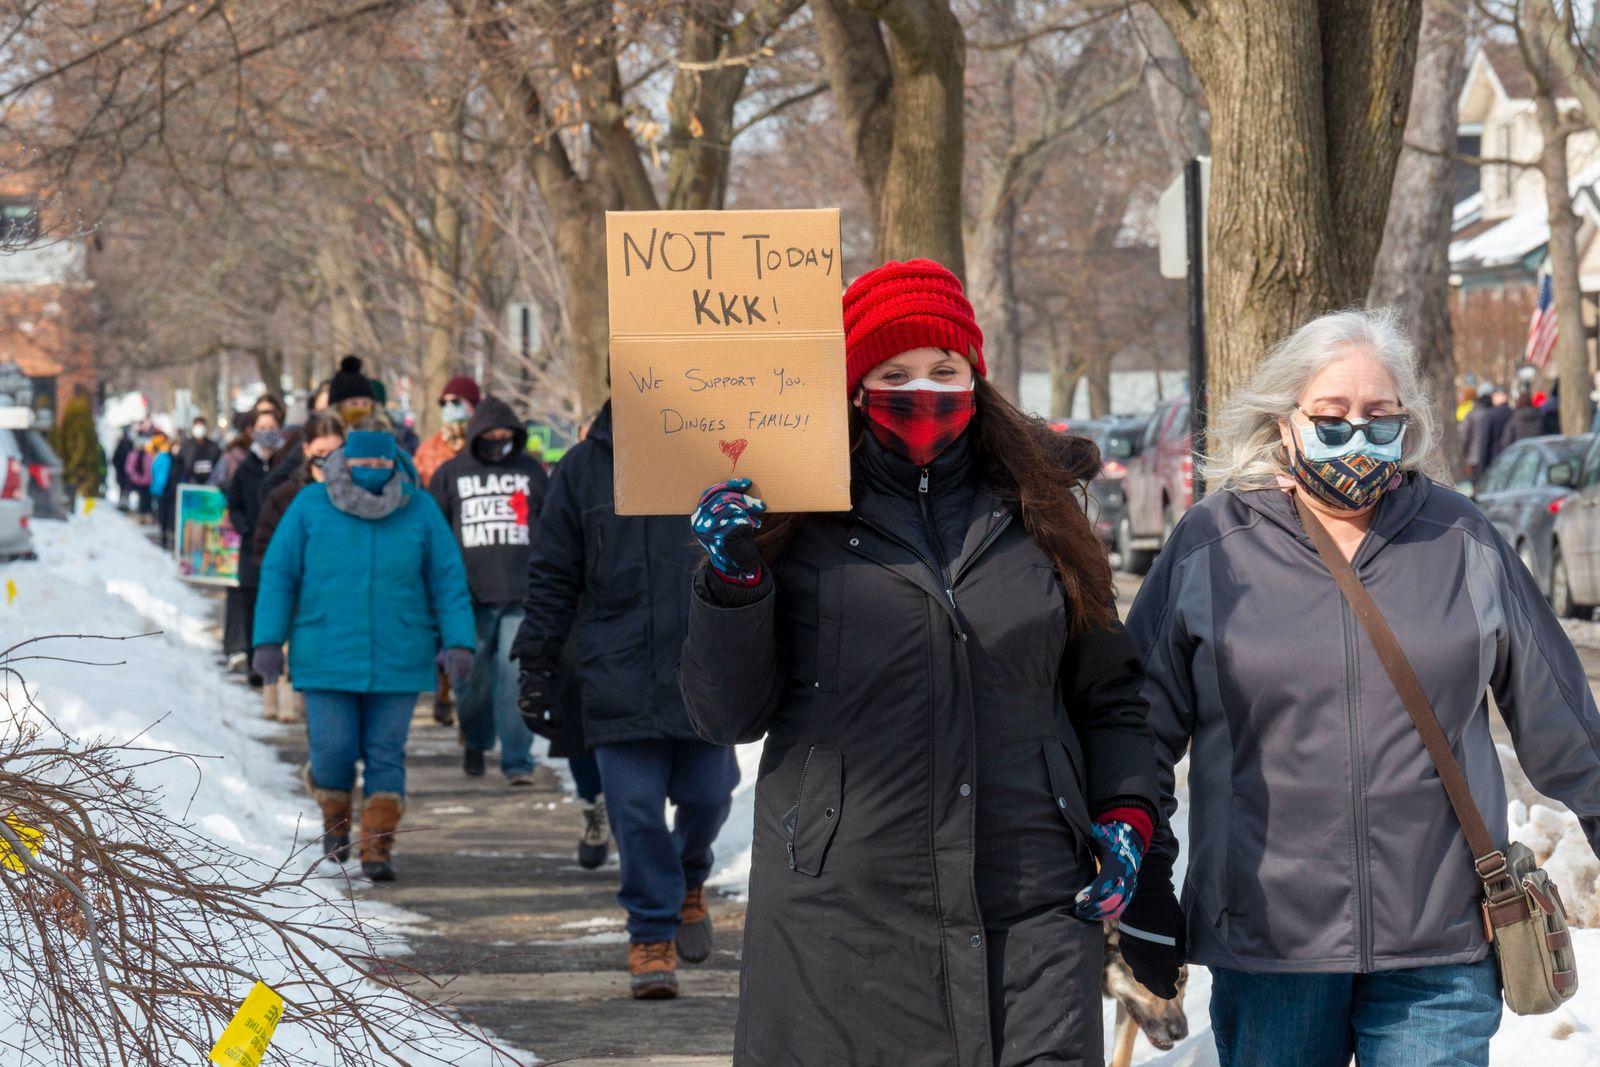 February 21, 2021, Grosse Pointe Park, Michigan, USA: Grosse Pointe Park, Michigan - Several hundred people marched pas